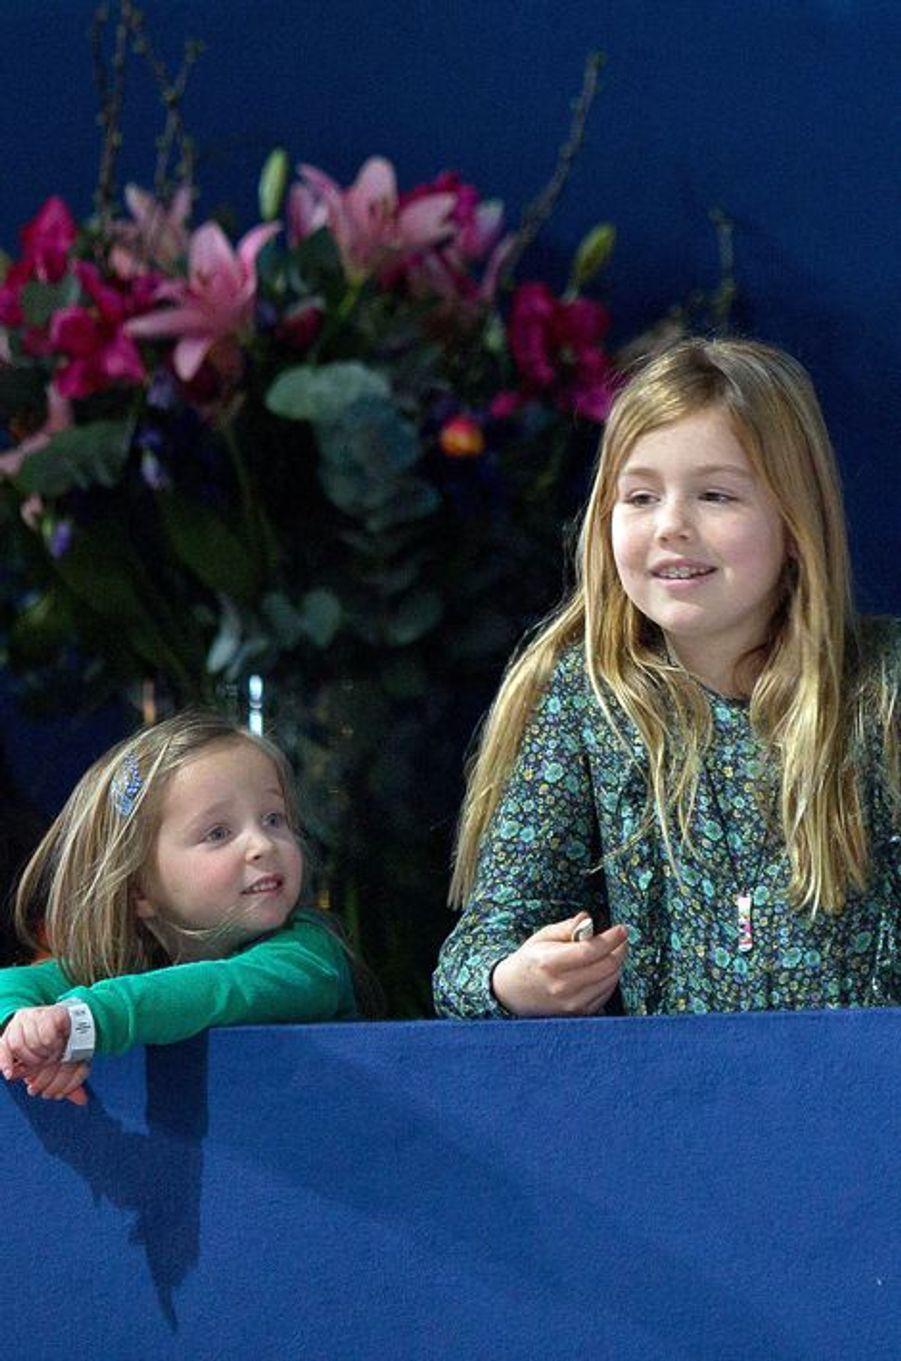 La princesse Alexia et Paola, au Jumping Amsterdam, le 1er février 2015